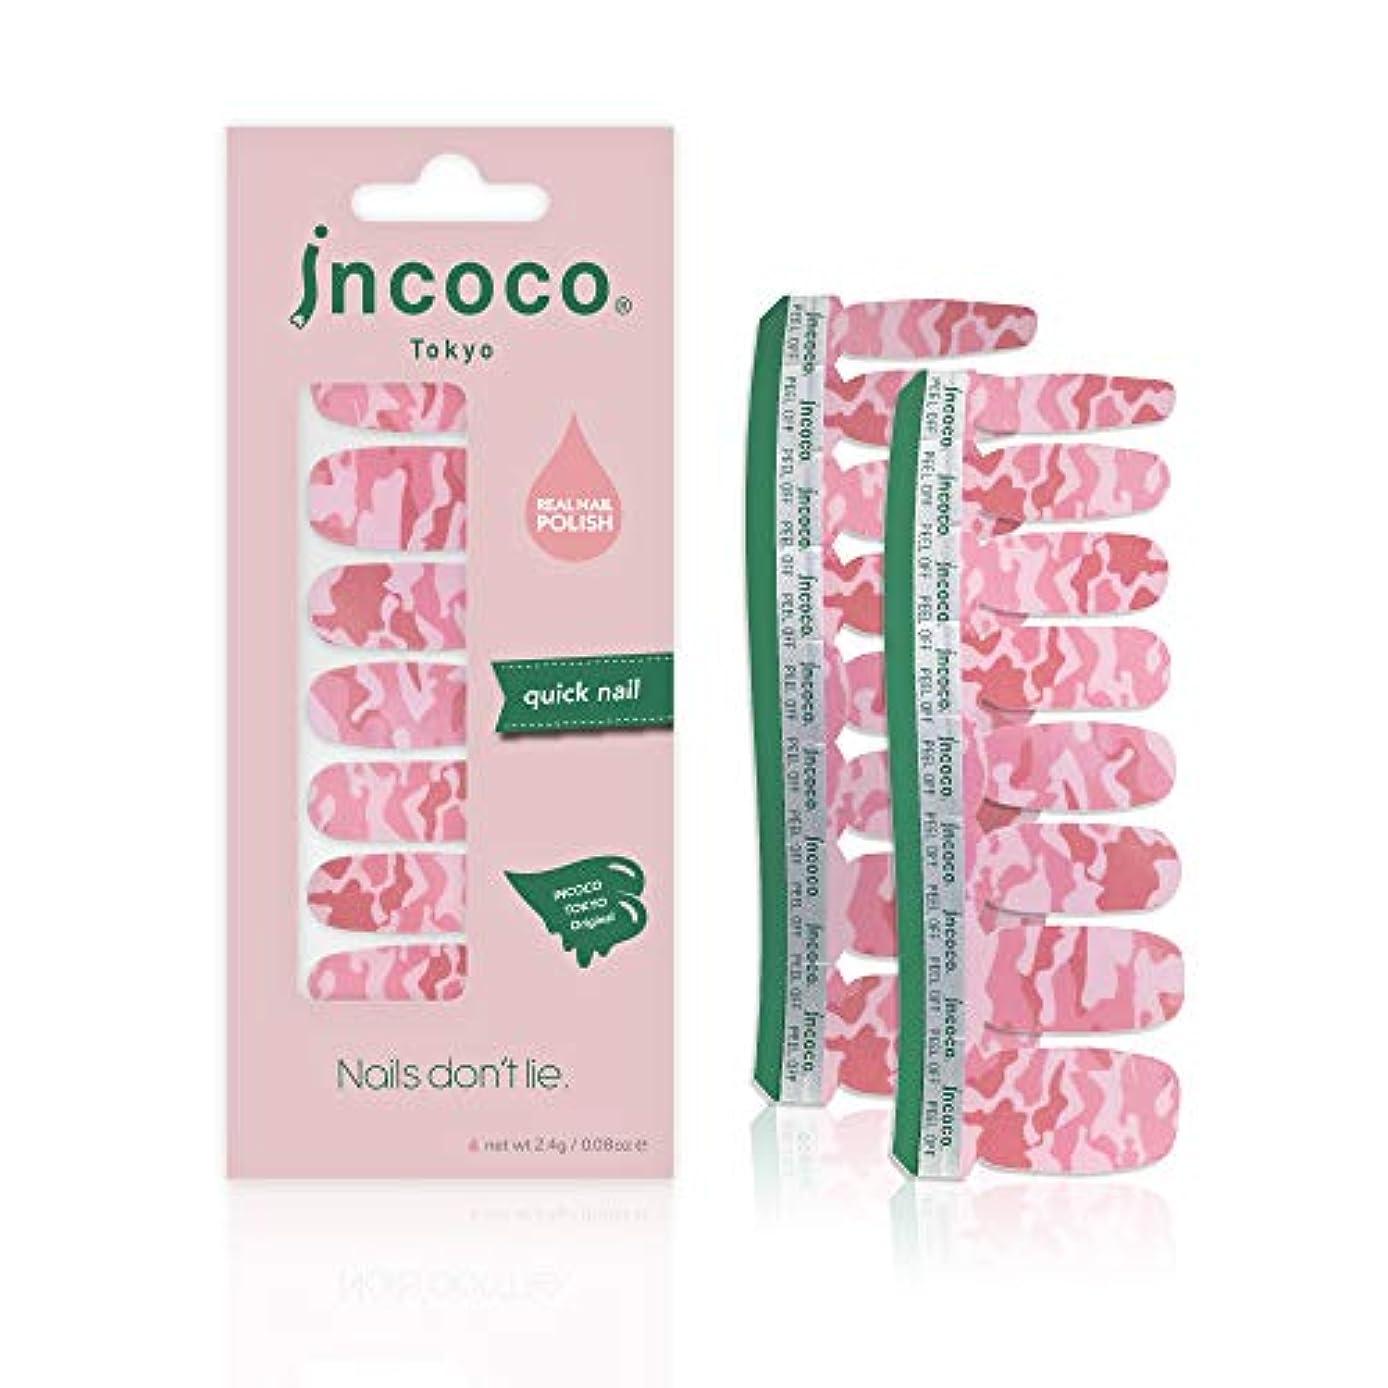 ベジタリアンキュービック大きなスケールで見るとインココ トーキョー 「ピンク カモ」 (Pink Camo)